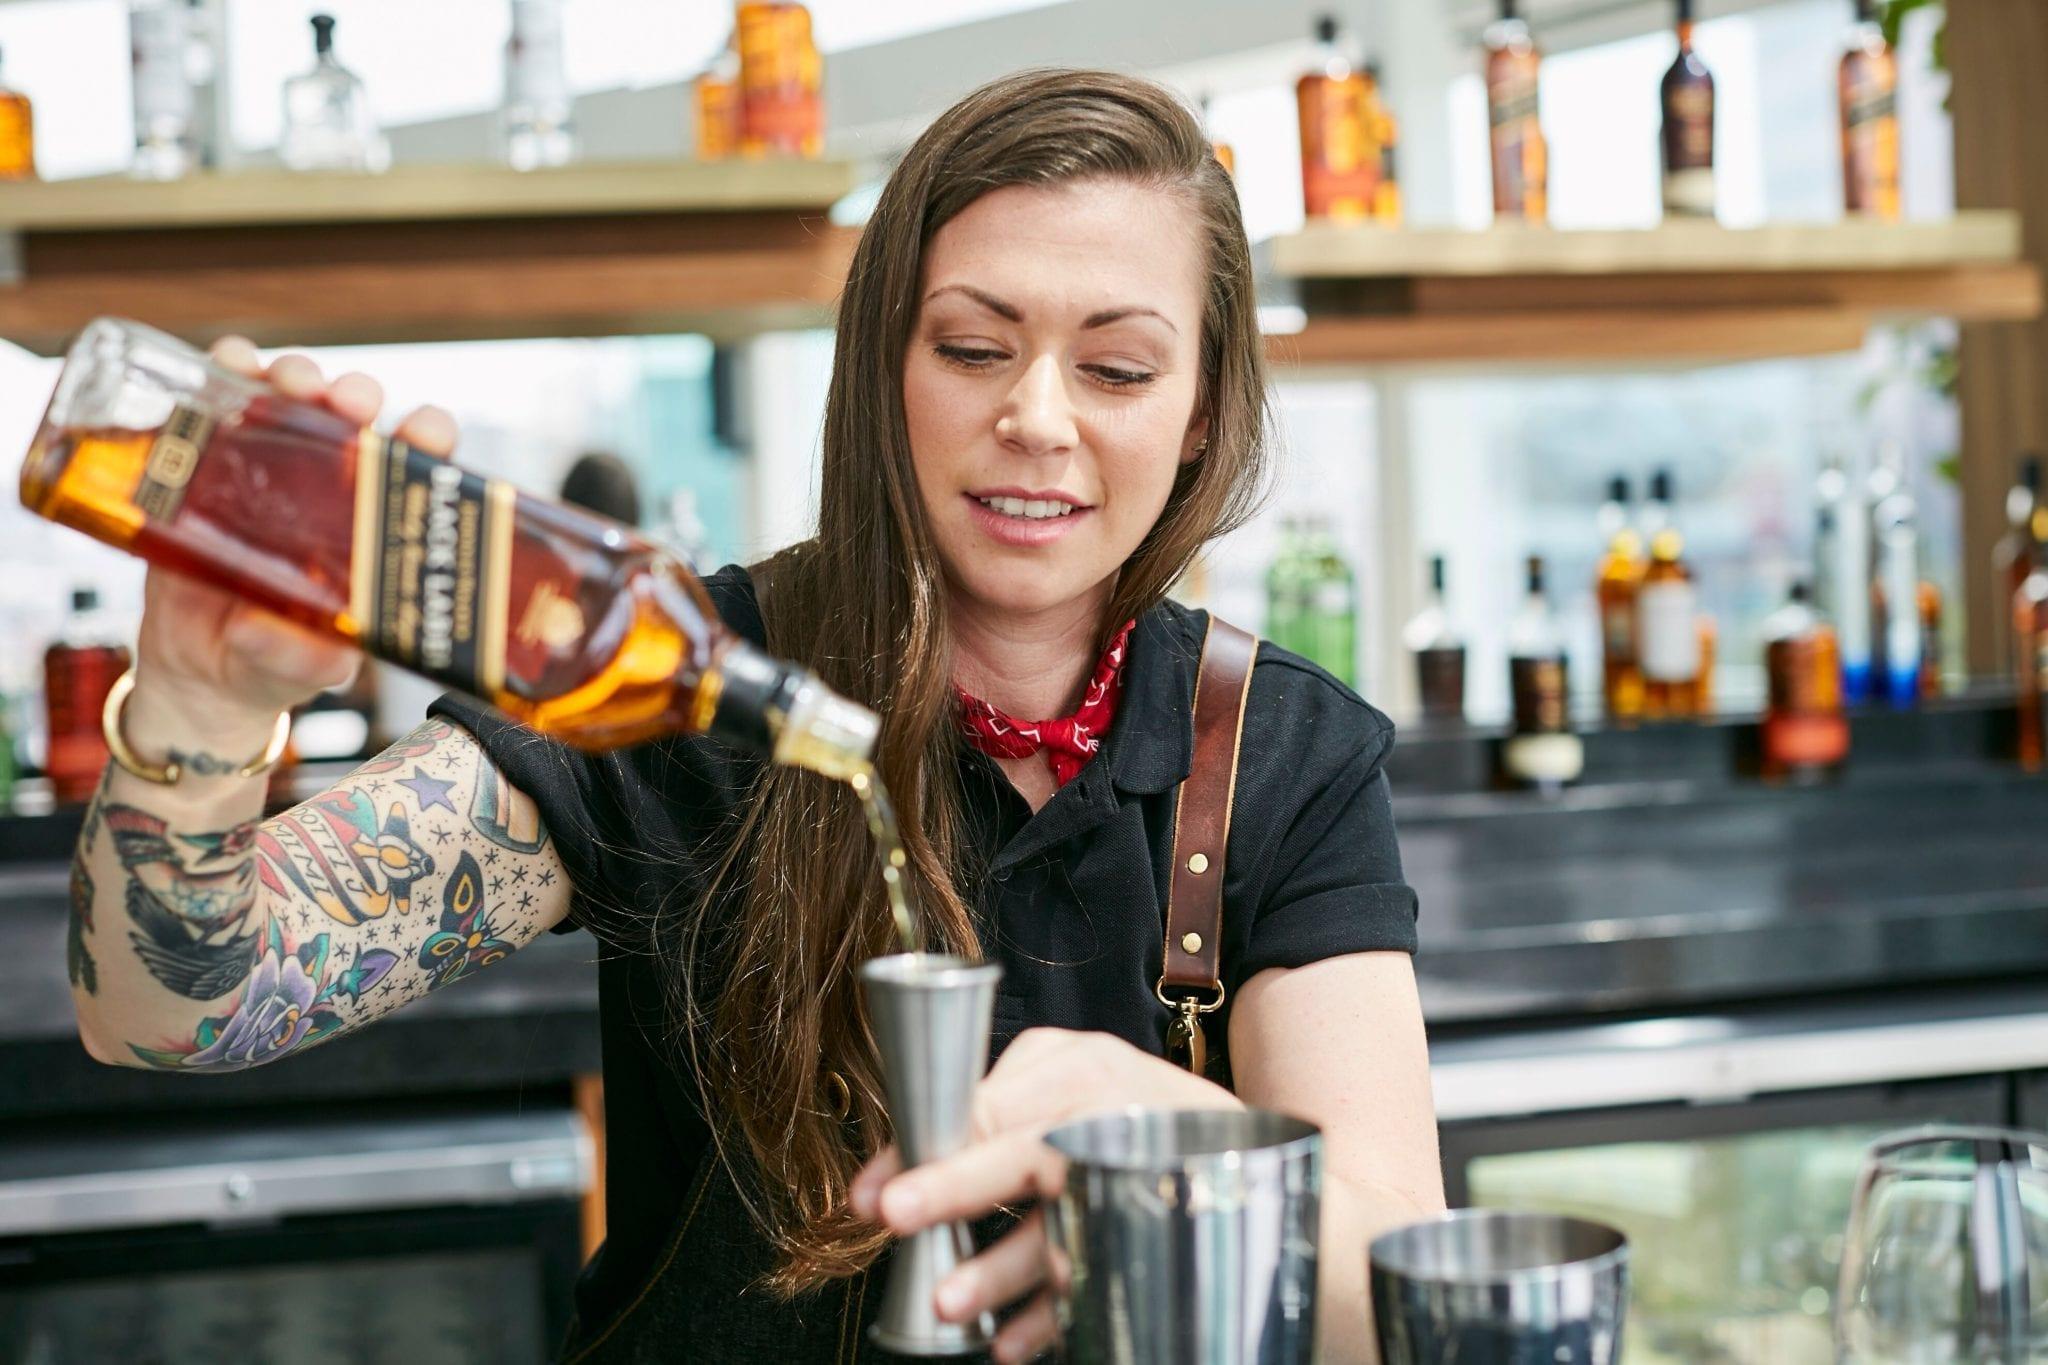 Johnnie Walker Black Label Bartender Competition